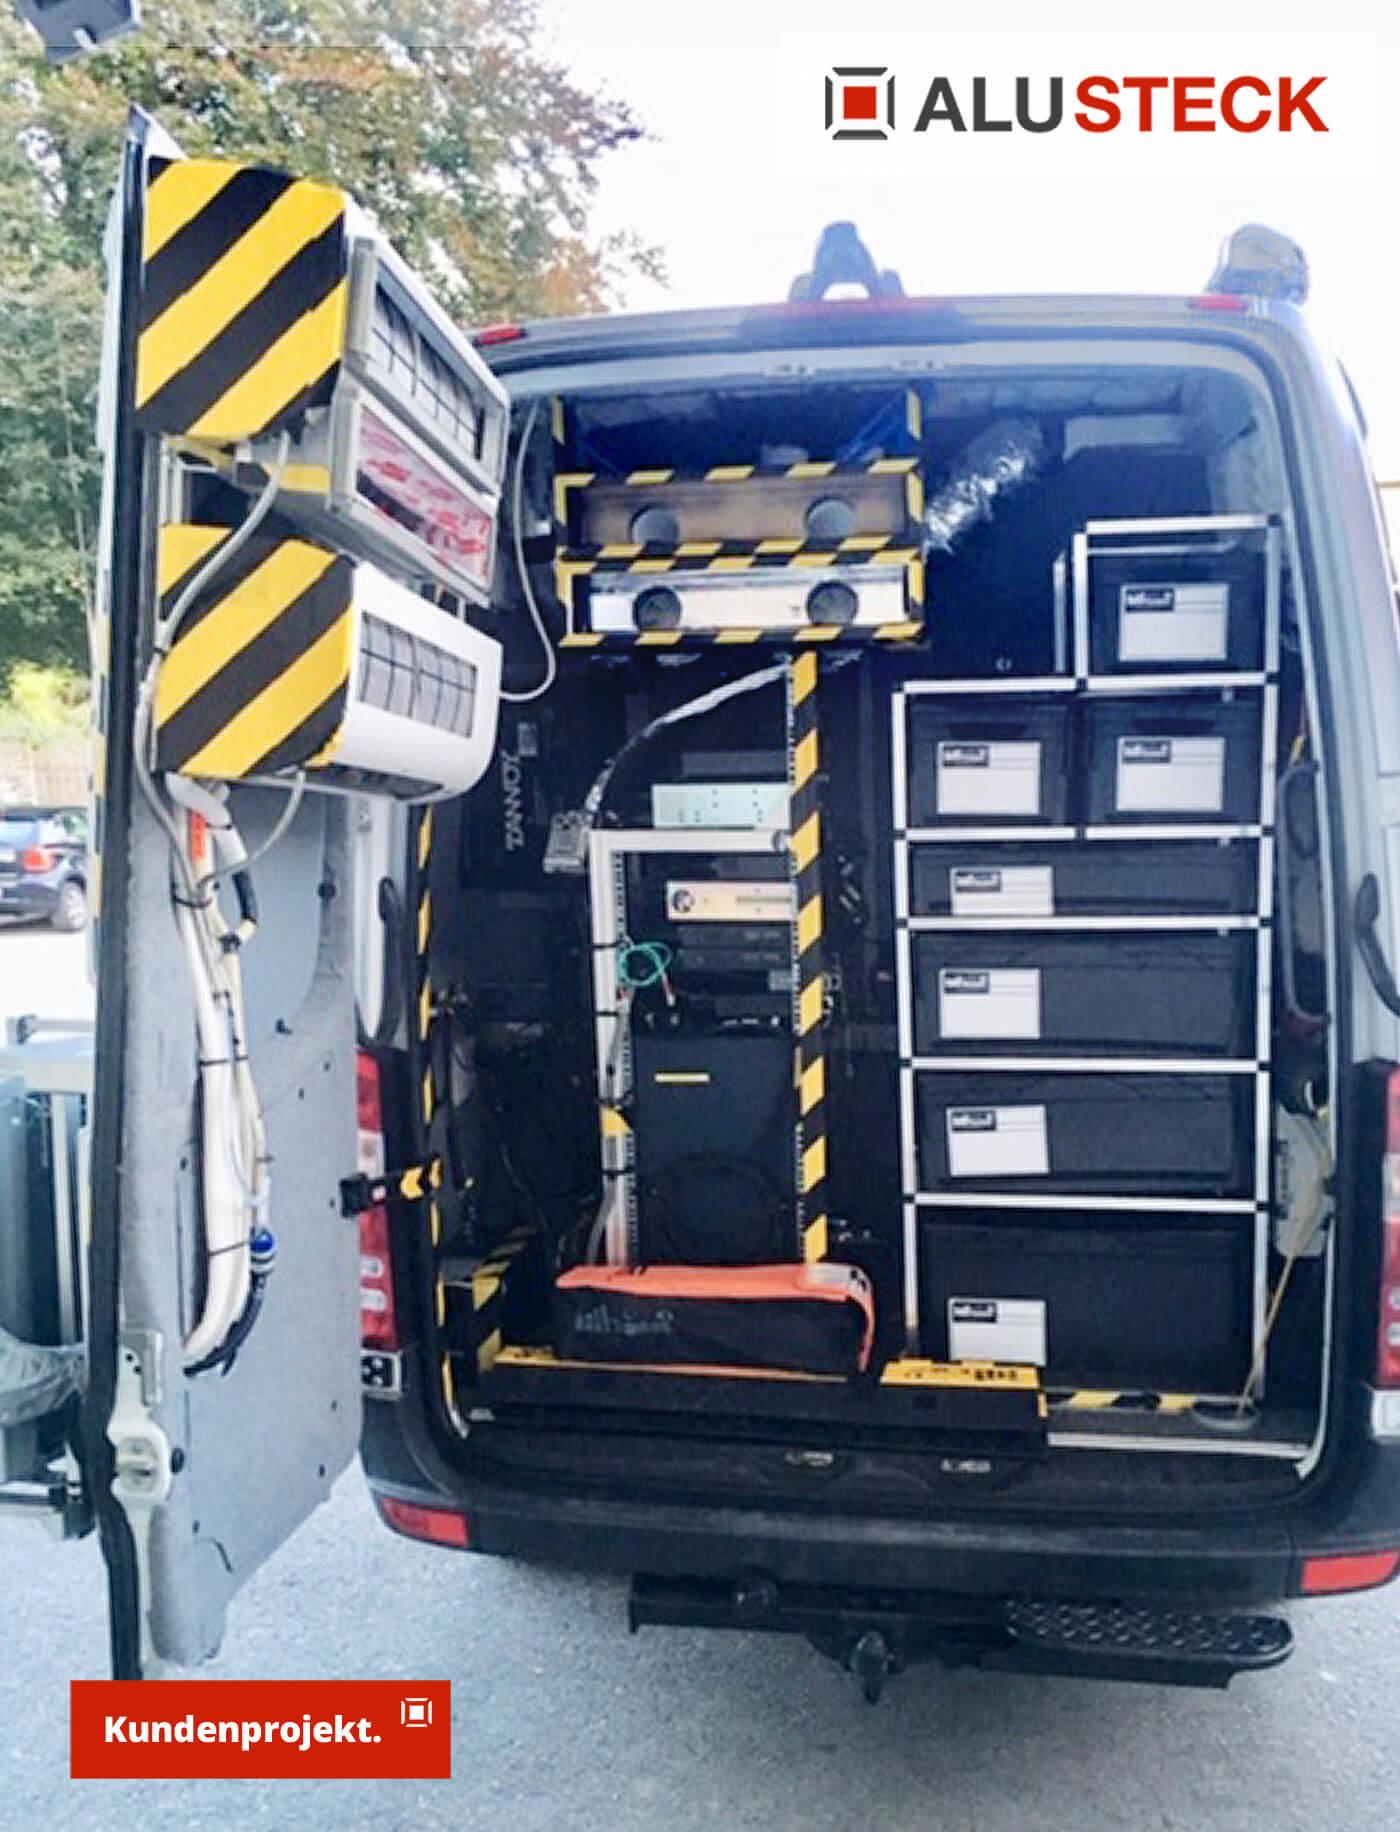 Fahrzeugeinrichtung für Nutzfahrzeuge - Maschinenraum / Stauraum Regalsystem